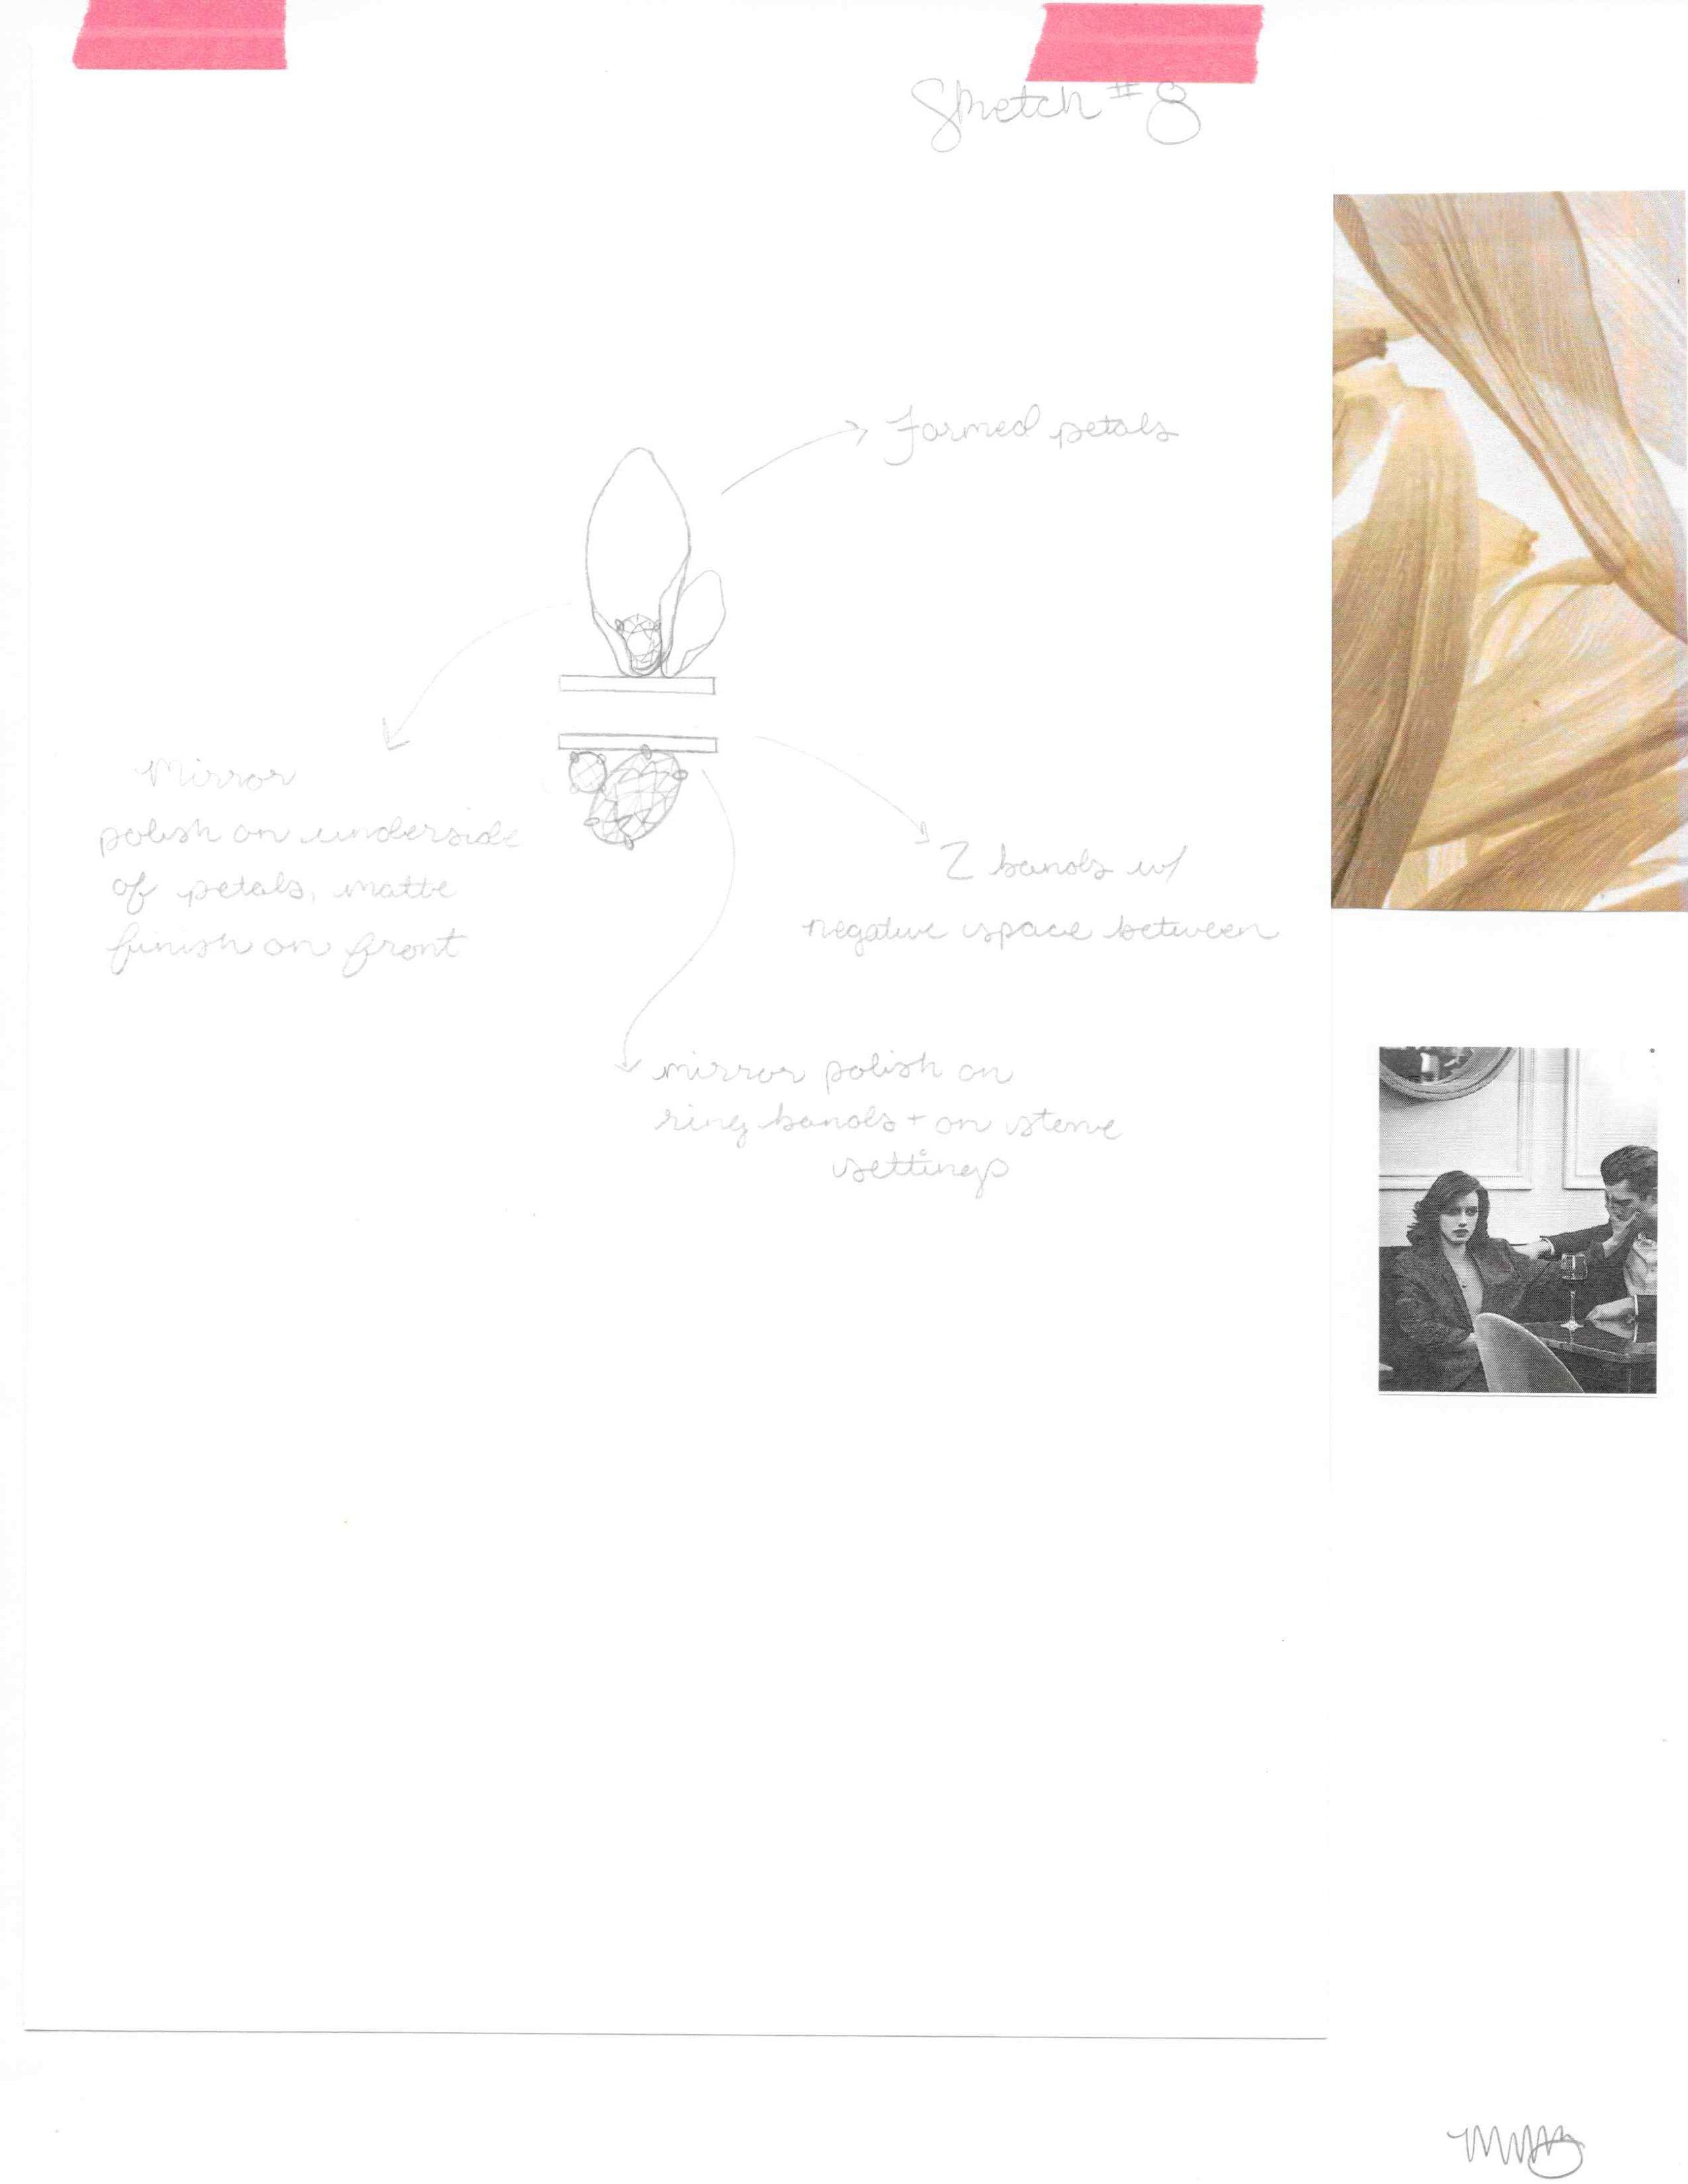 Usurper Sketch_008.jpg